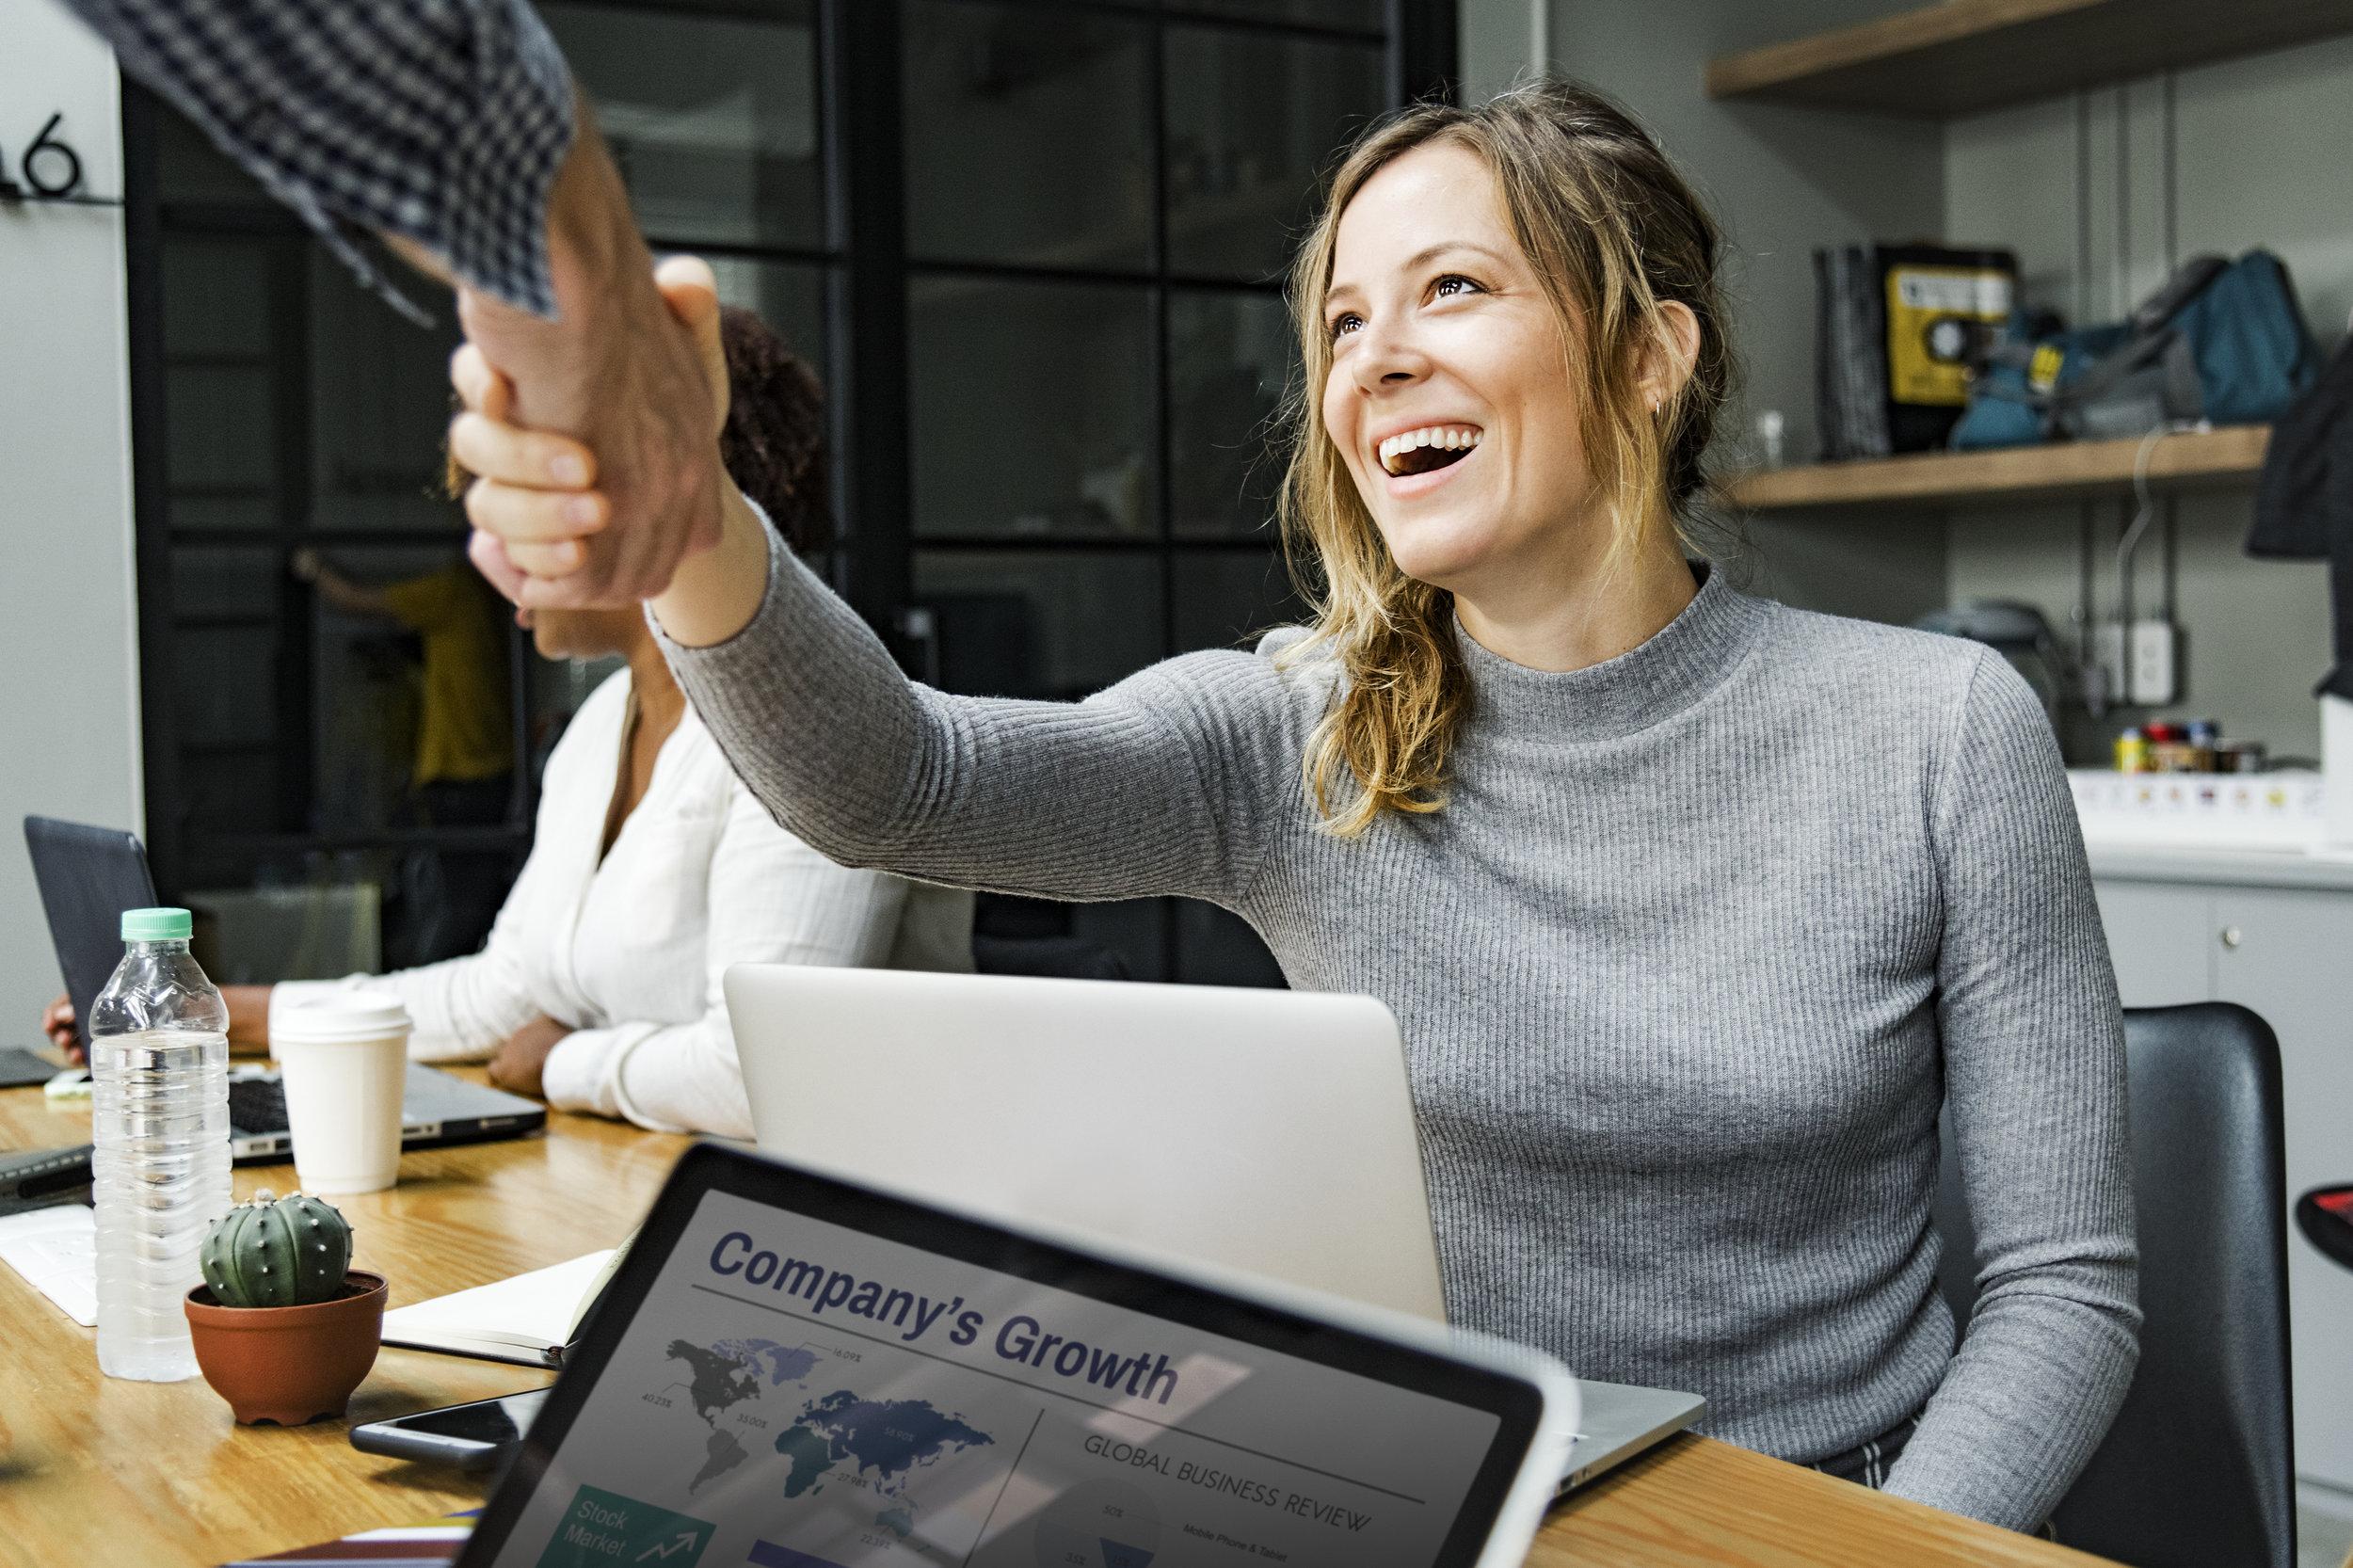 Bedre kundeopplevelse - Å forsikre seg om at kundene er fornøyd med etter å ha kjøpt et eller flere av dine produkter og tjenester er en selvsagt praksis om du ønsker et godt omdømme.